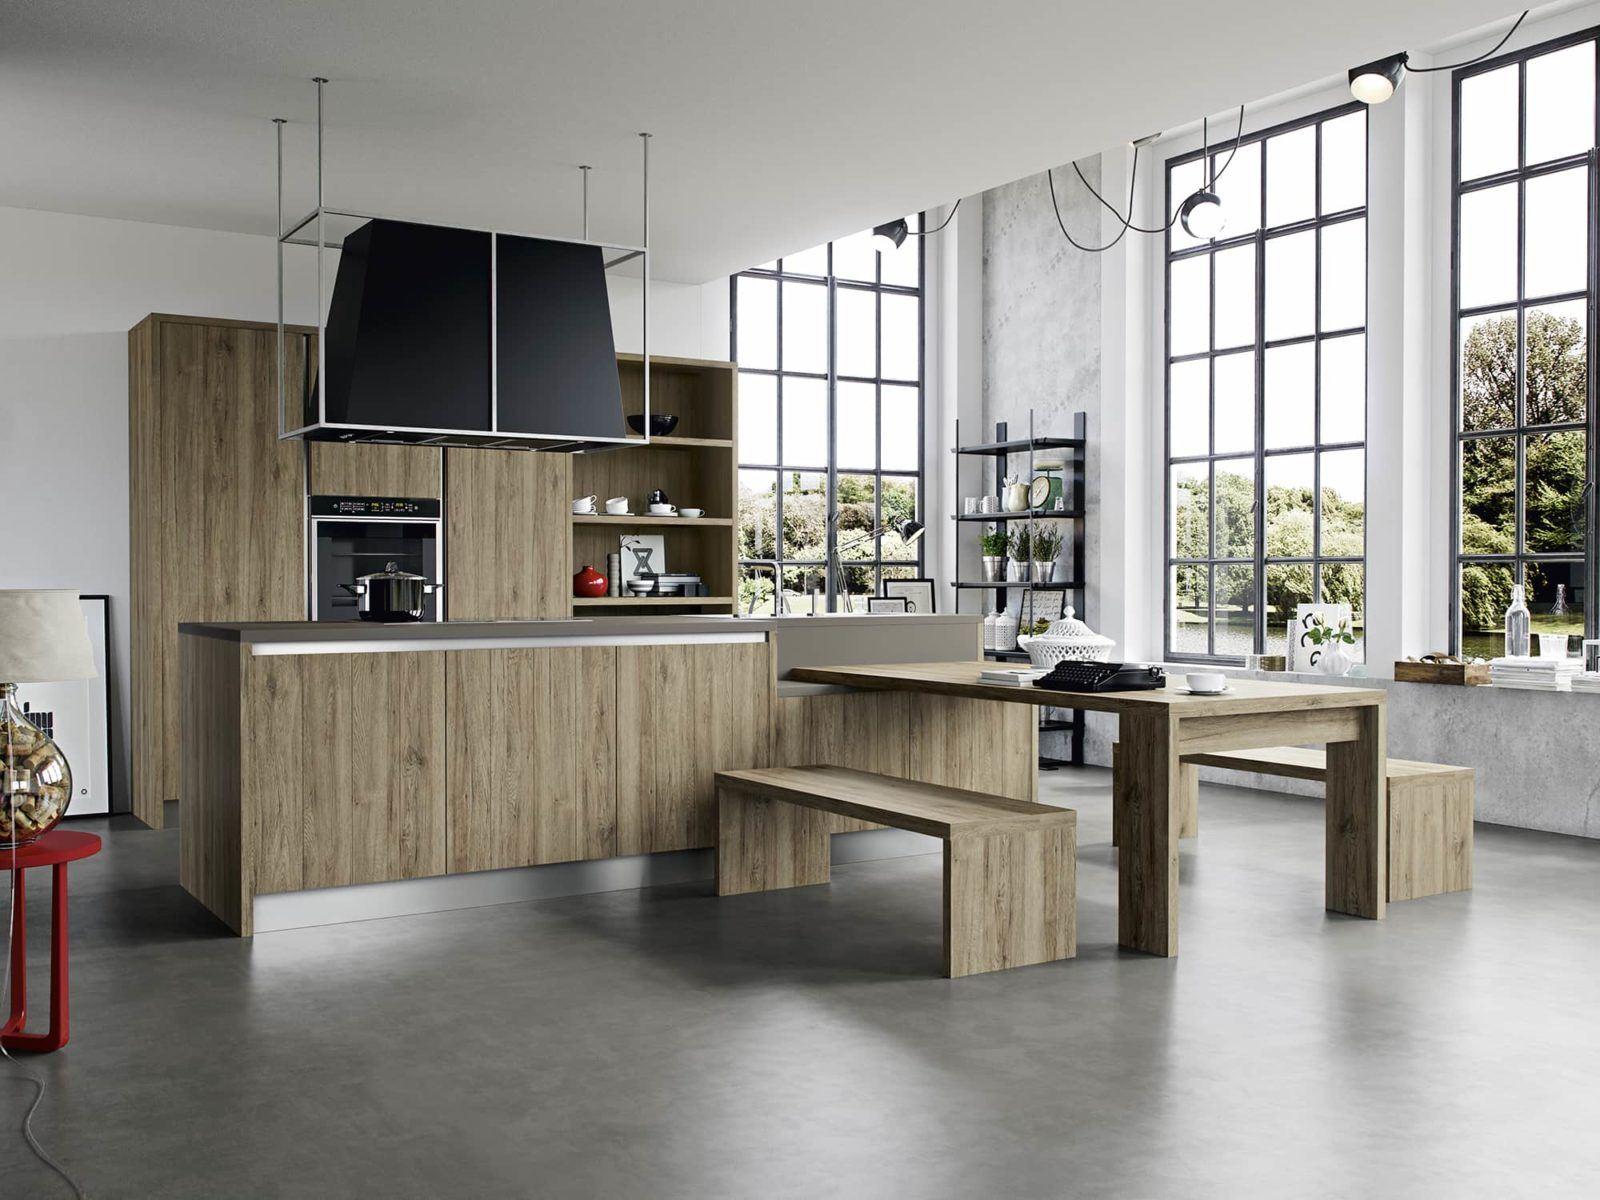 Cucina moderna con isola arredamenti meneghello - Tavolo per cucina moderna ...